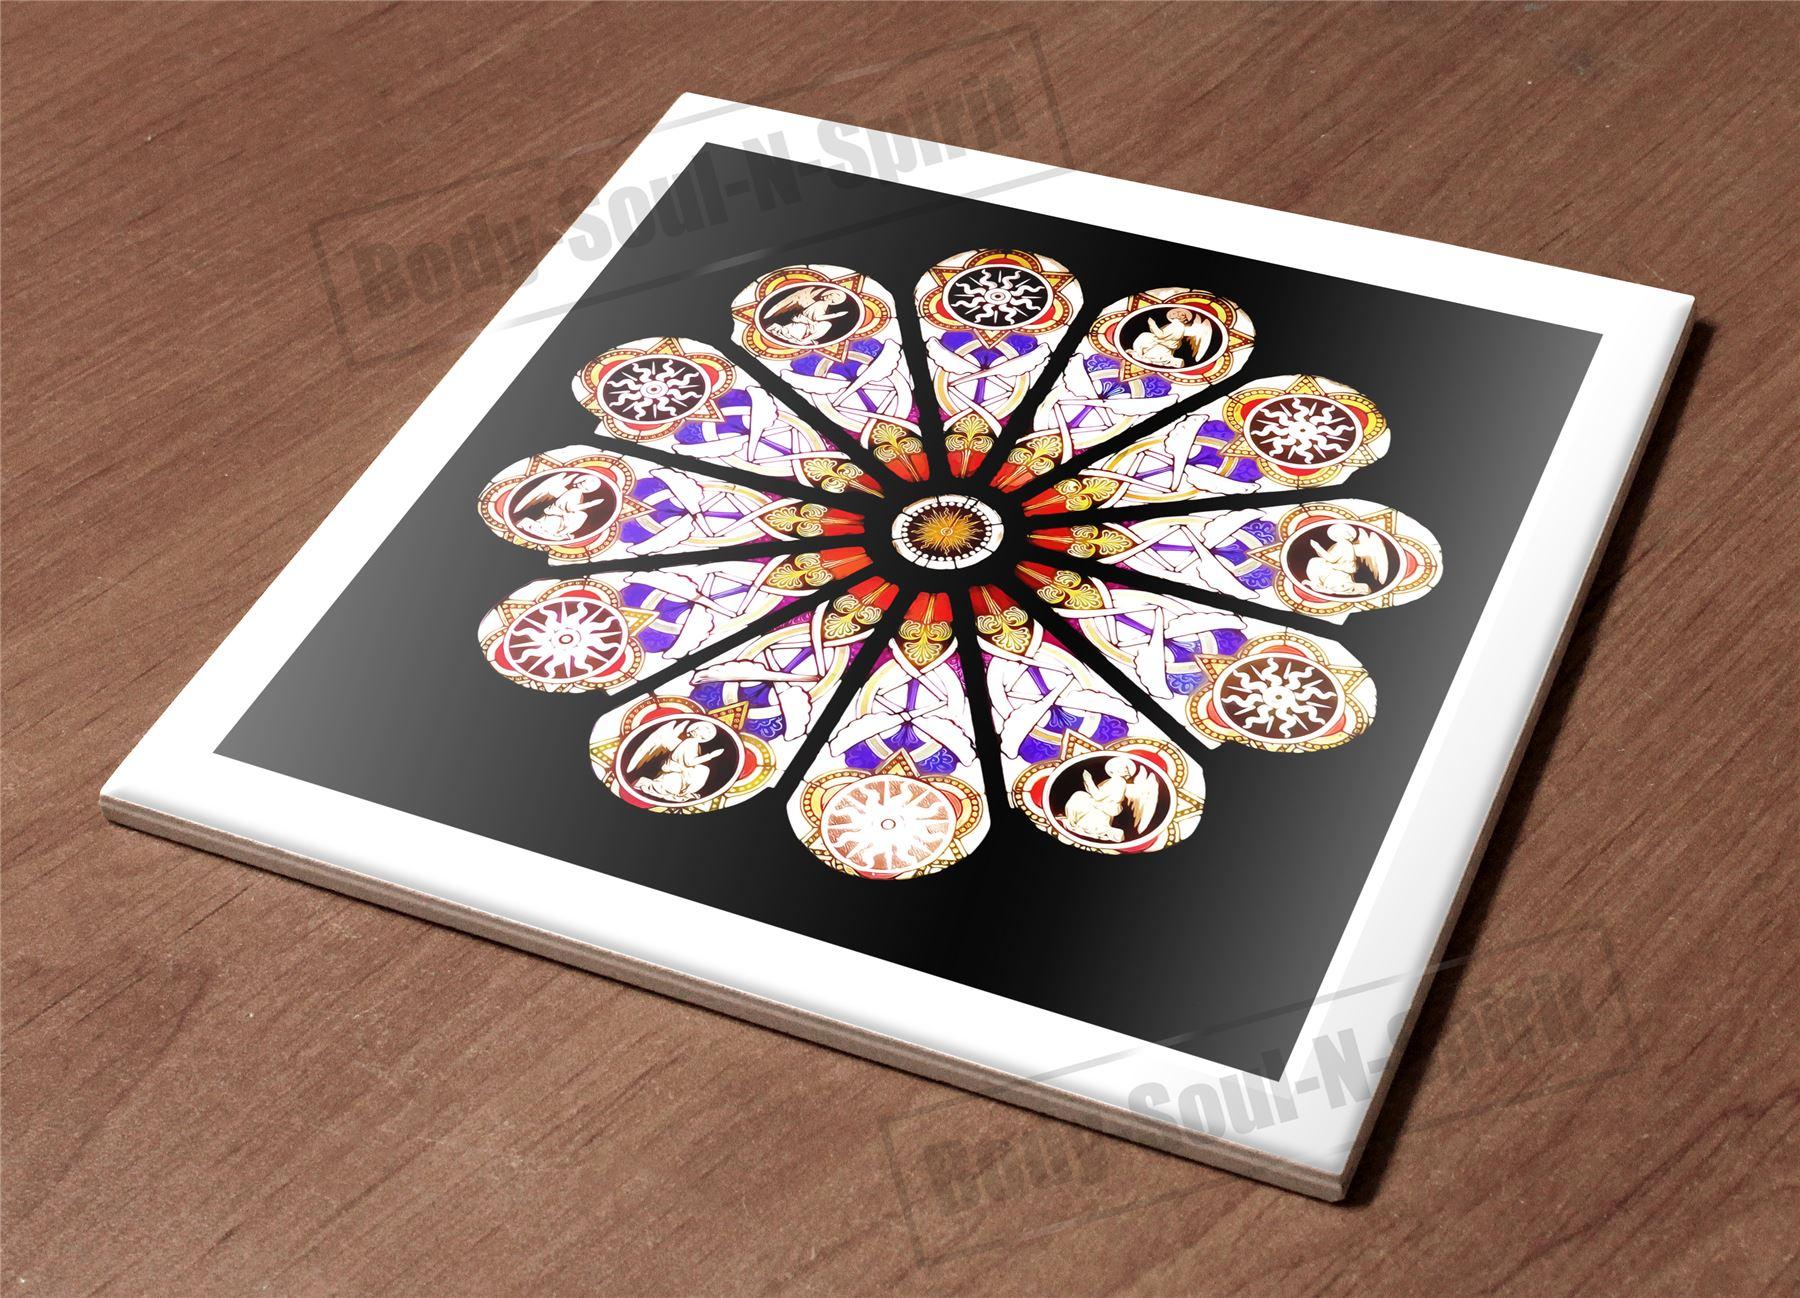 Kitchen Trivet Holder Ceramic Tile Hot Plate Zodiac Paint Art Decor Design Gift